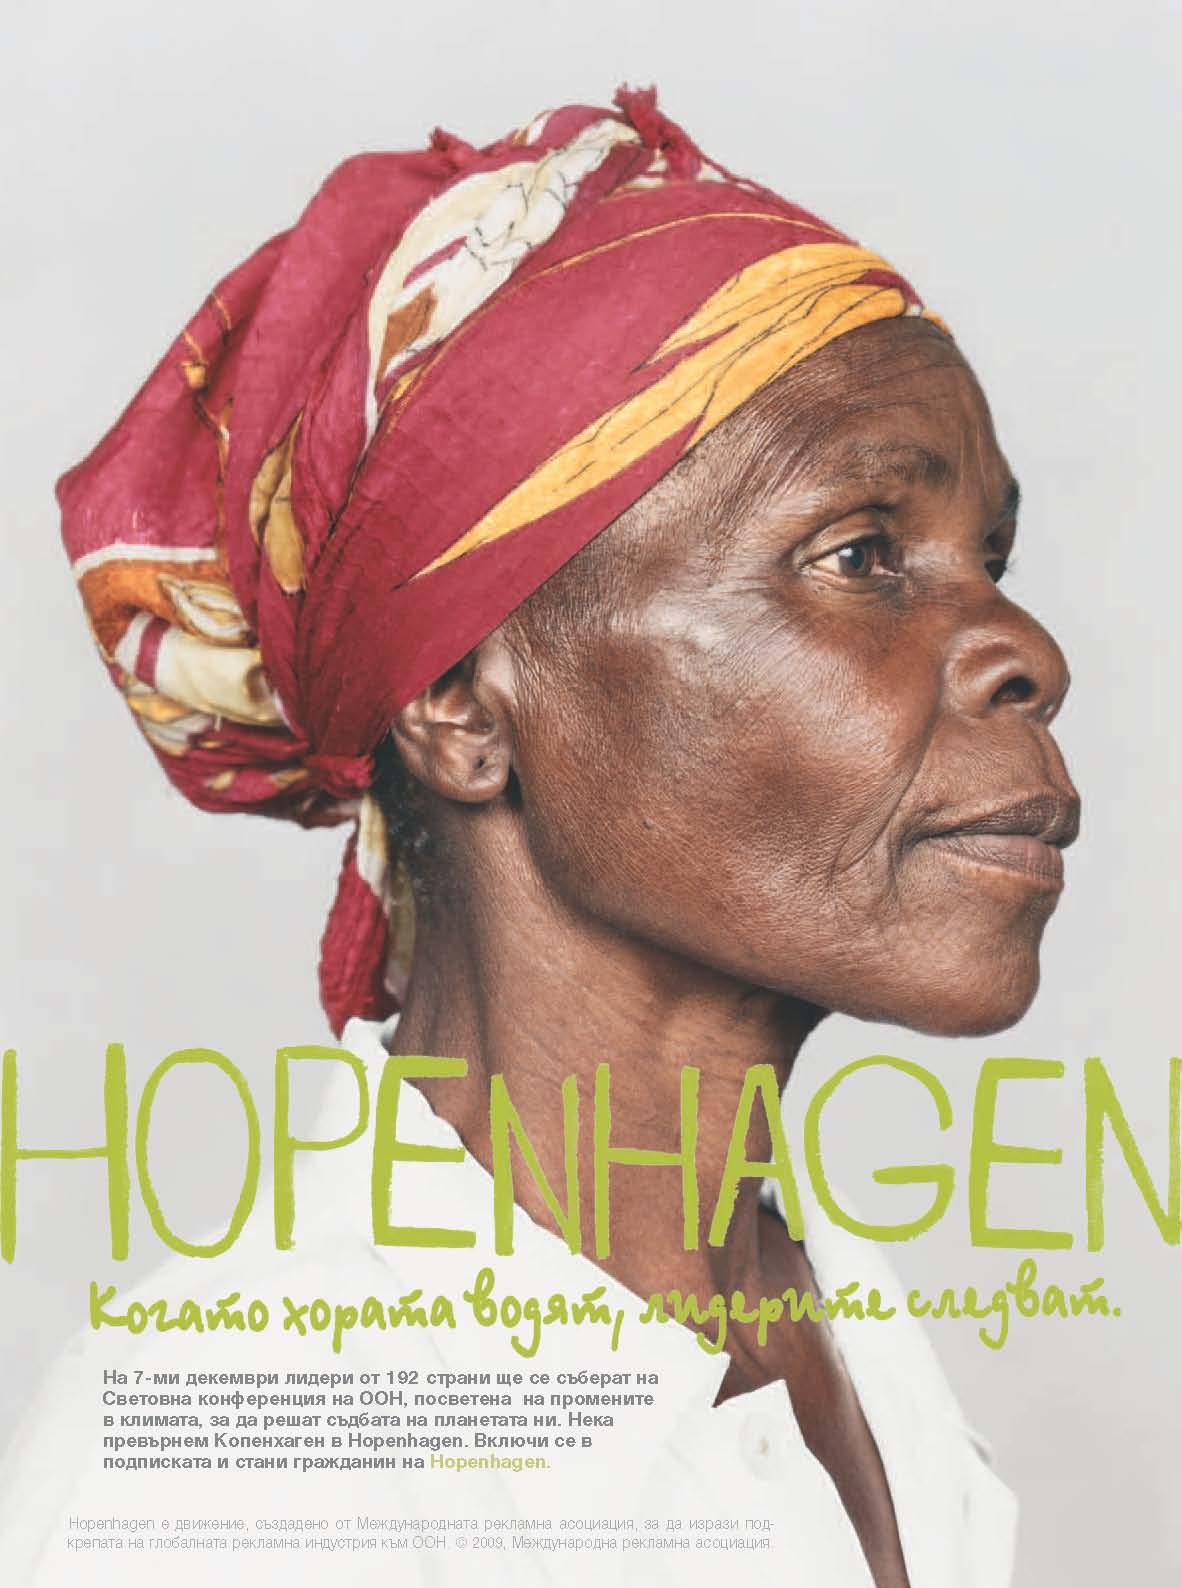 Hopenhagen - Large